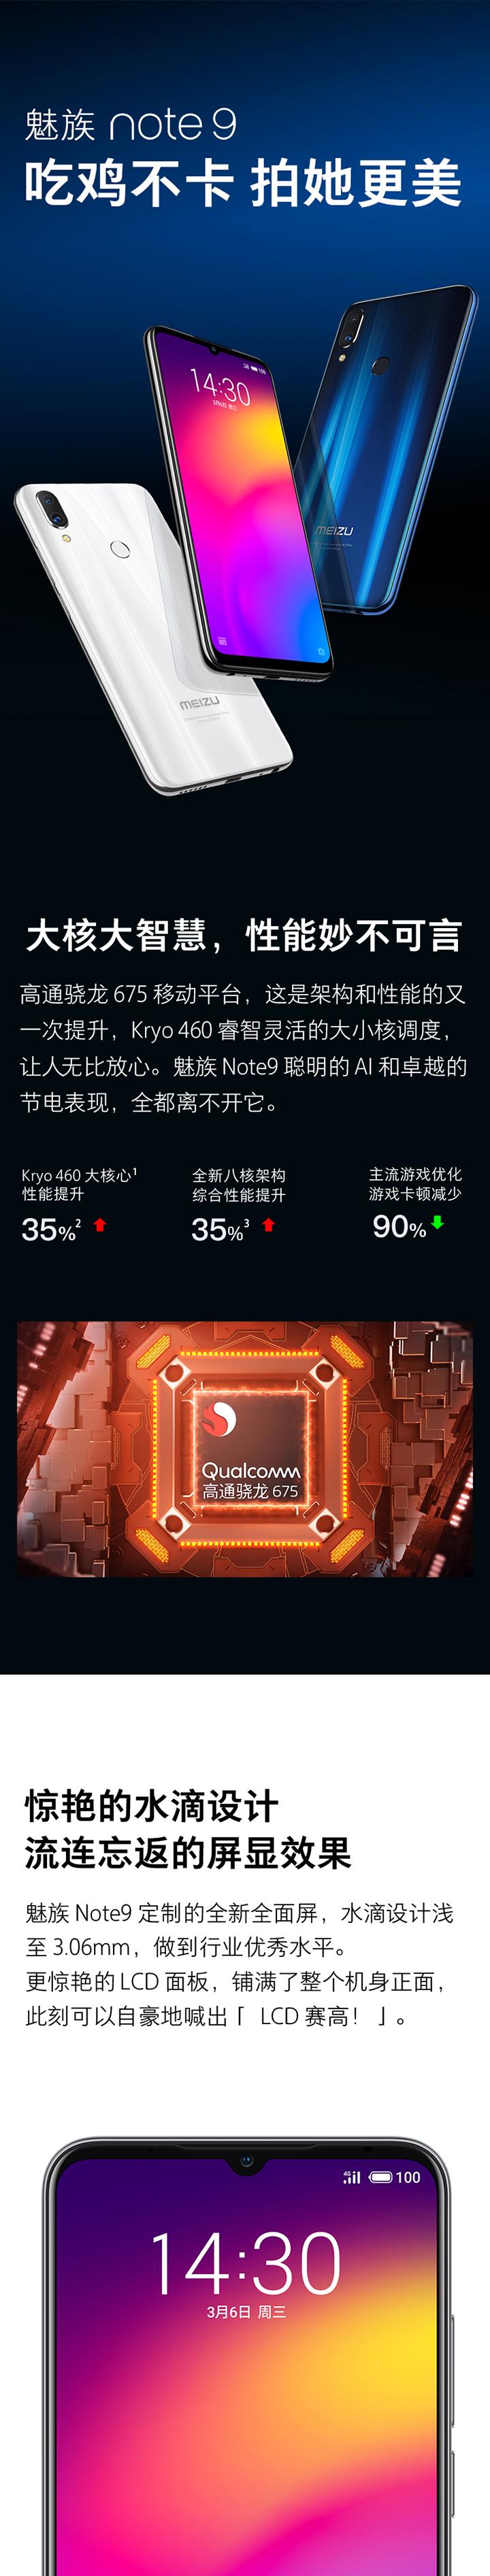 魅族 Note9手机免费试用,评测